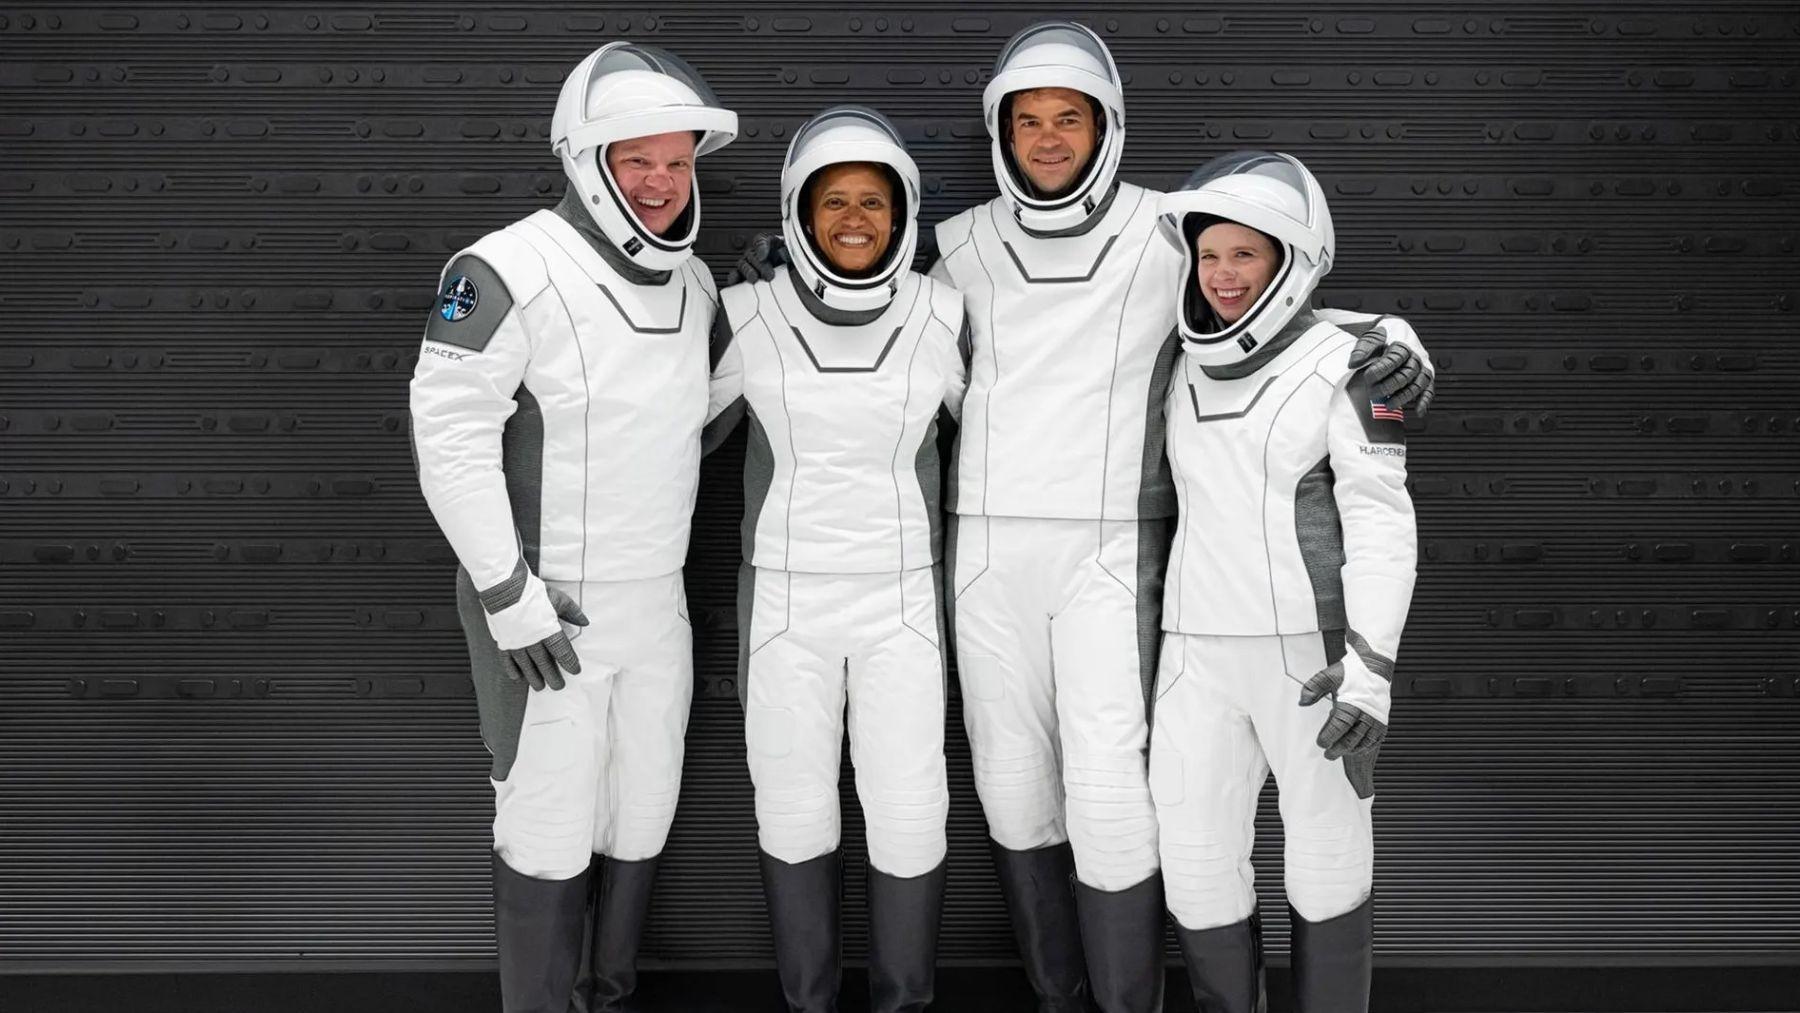 La tripulación de Inspiration4 ya está en órbita